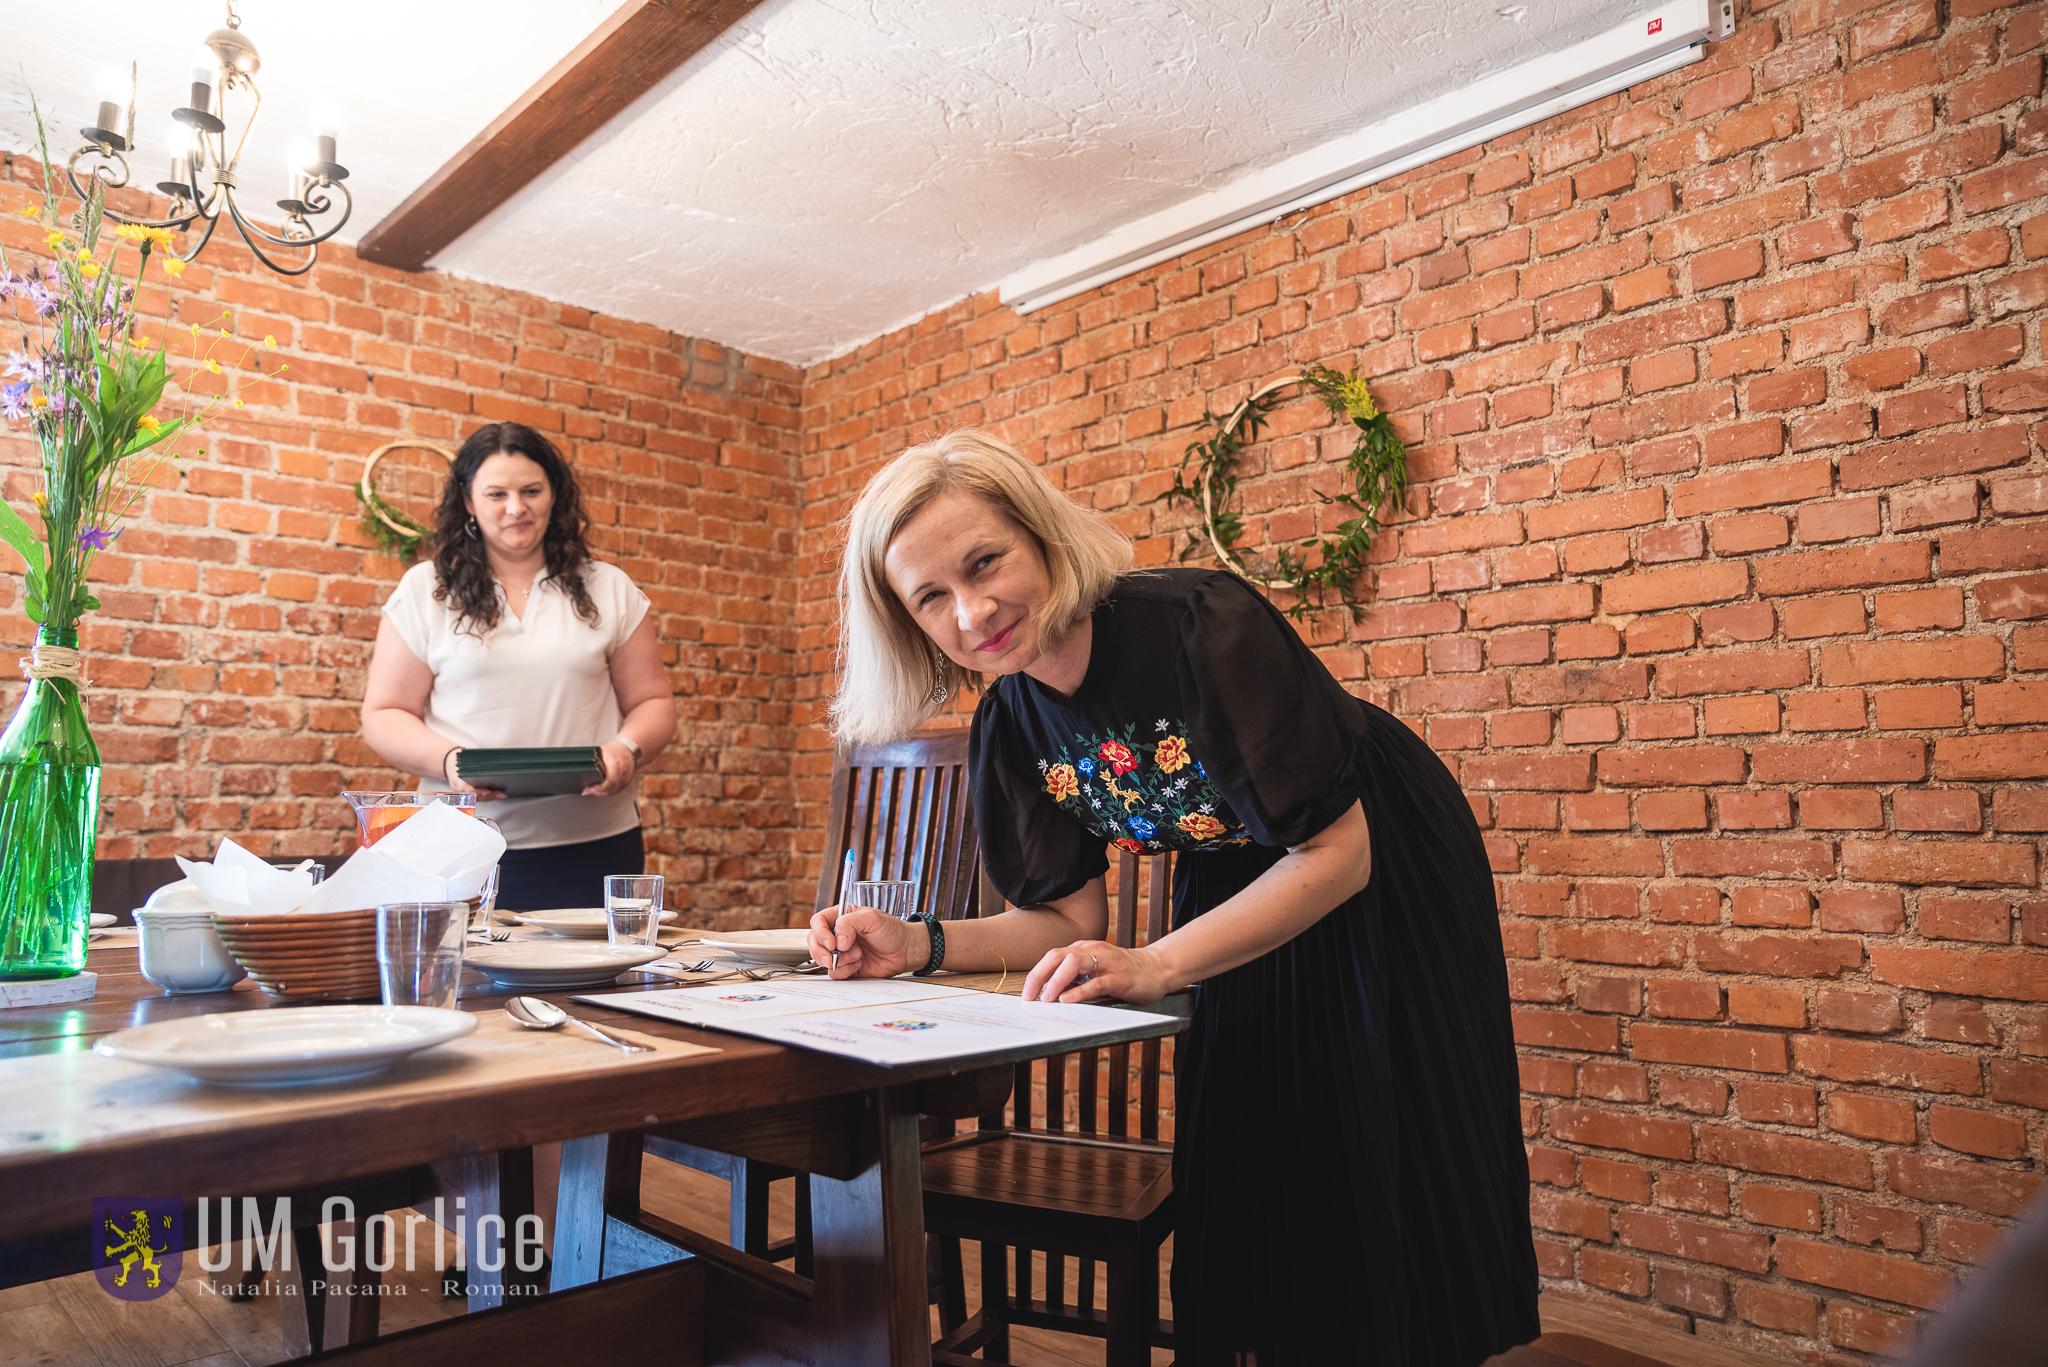 Podpisywanie certyfikatów